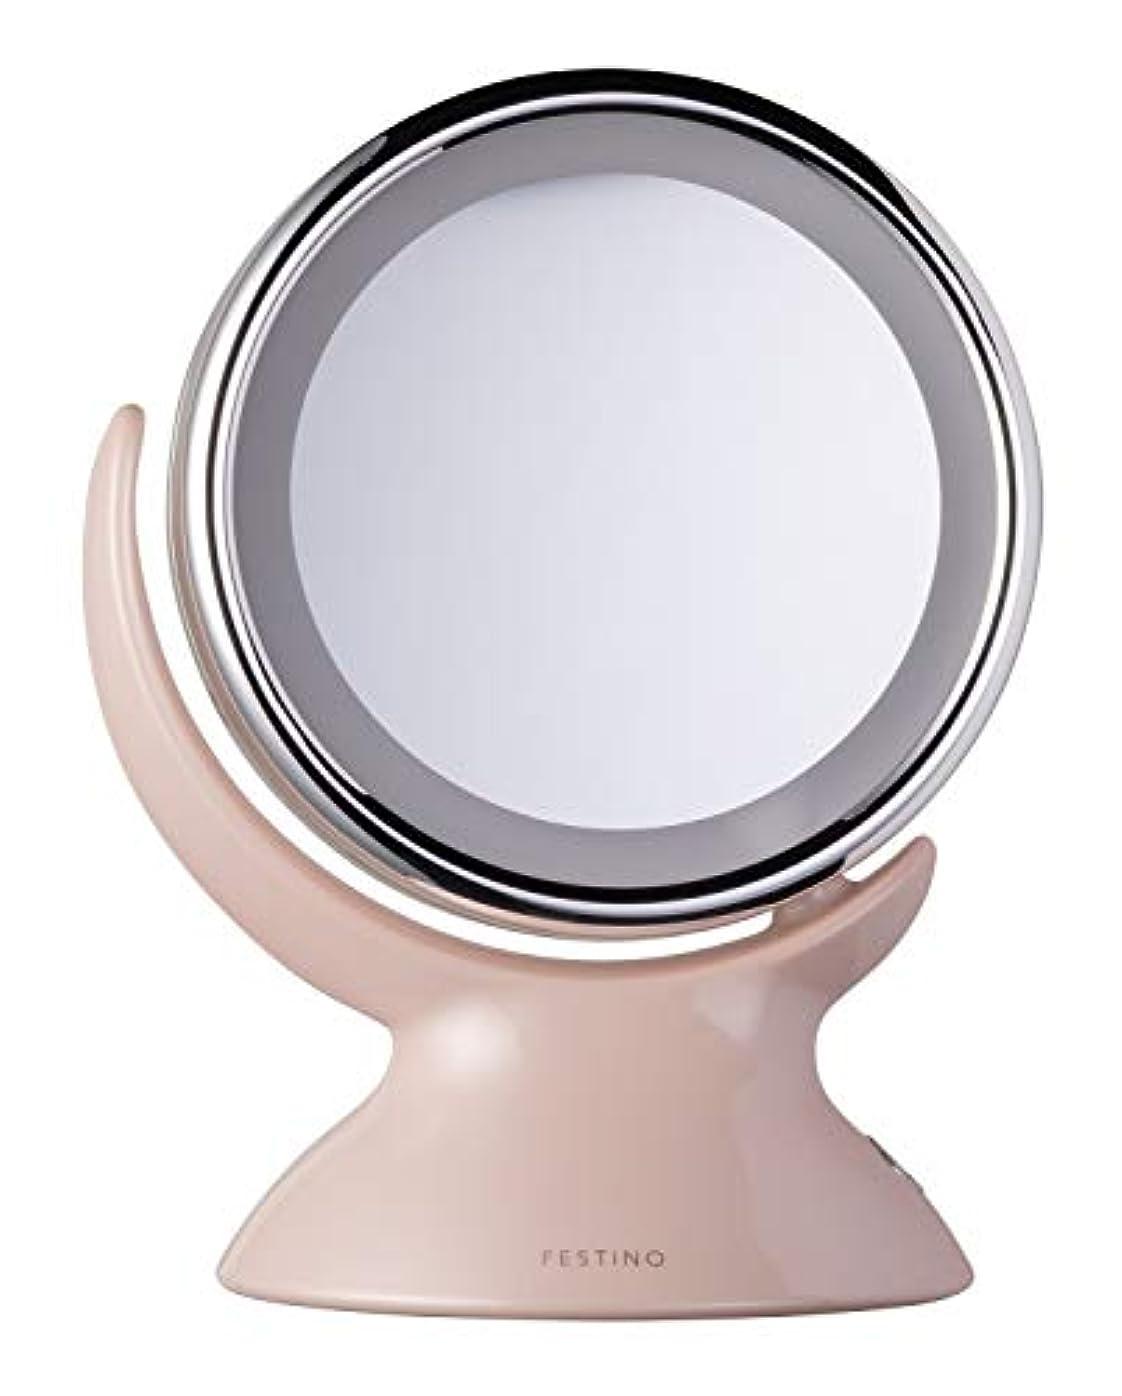 弱めるチケット落胆させるSIMPLE MIND FESTINO Around LED Mirror ミラー (ピンク)